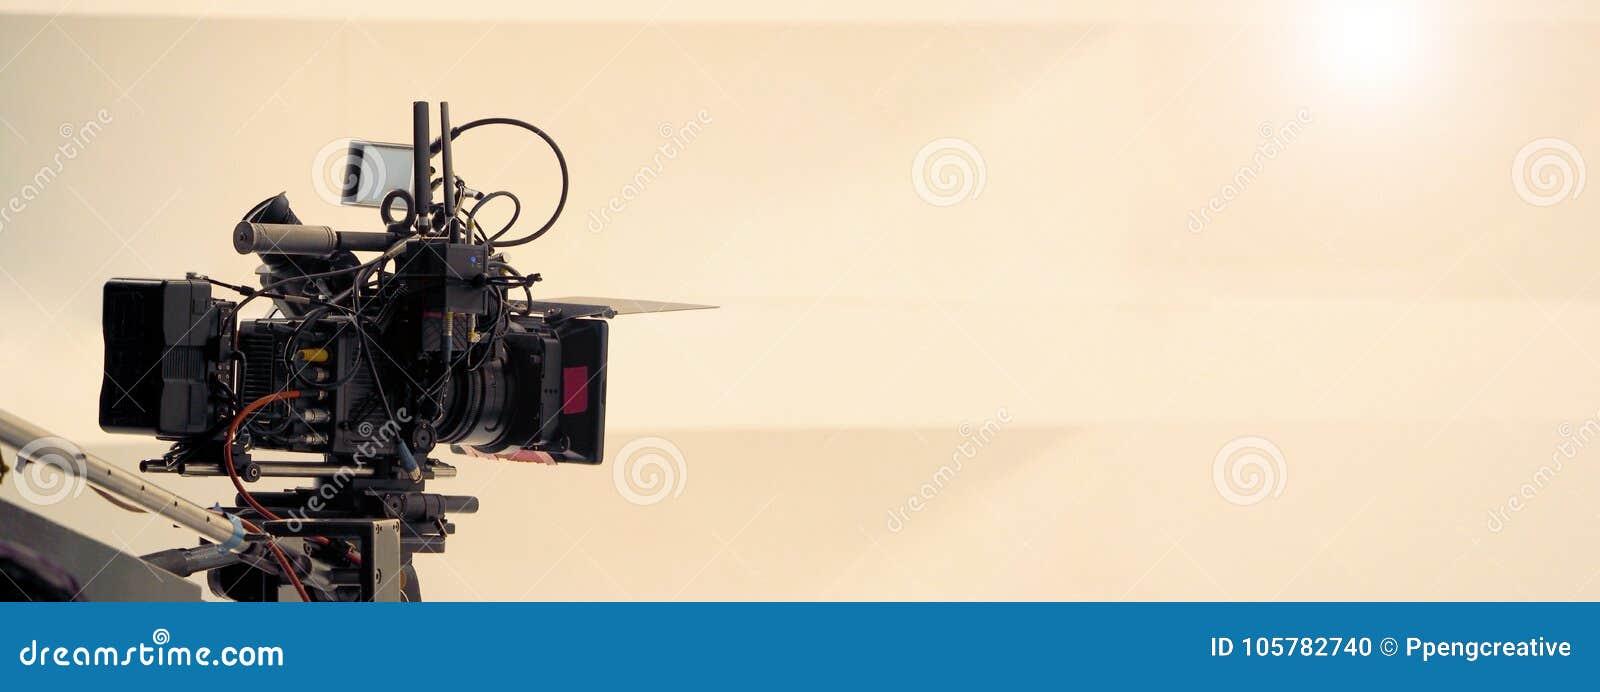 Bak platserna av video skytteproduktion